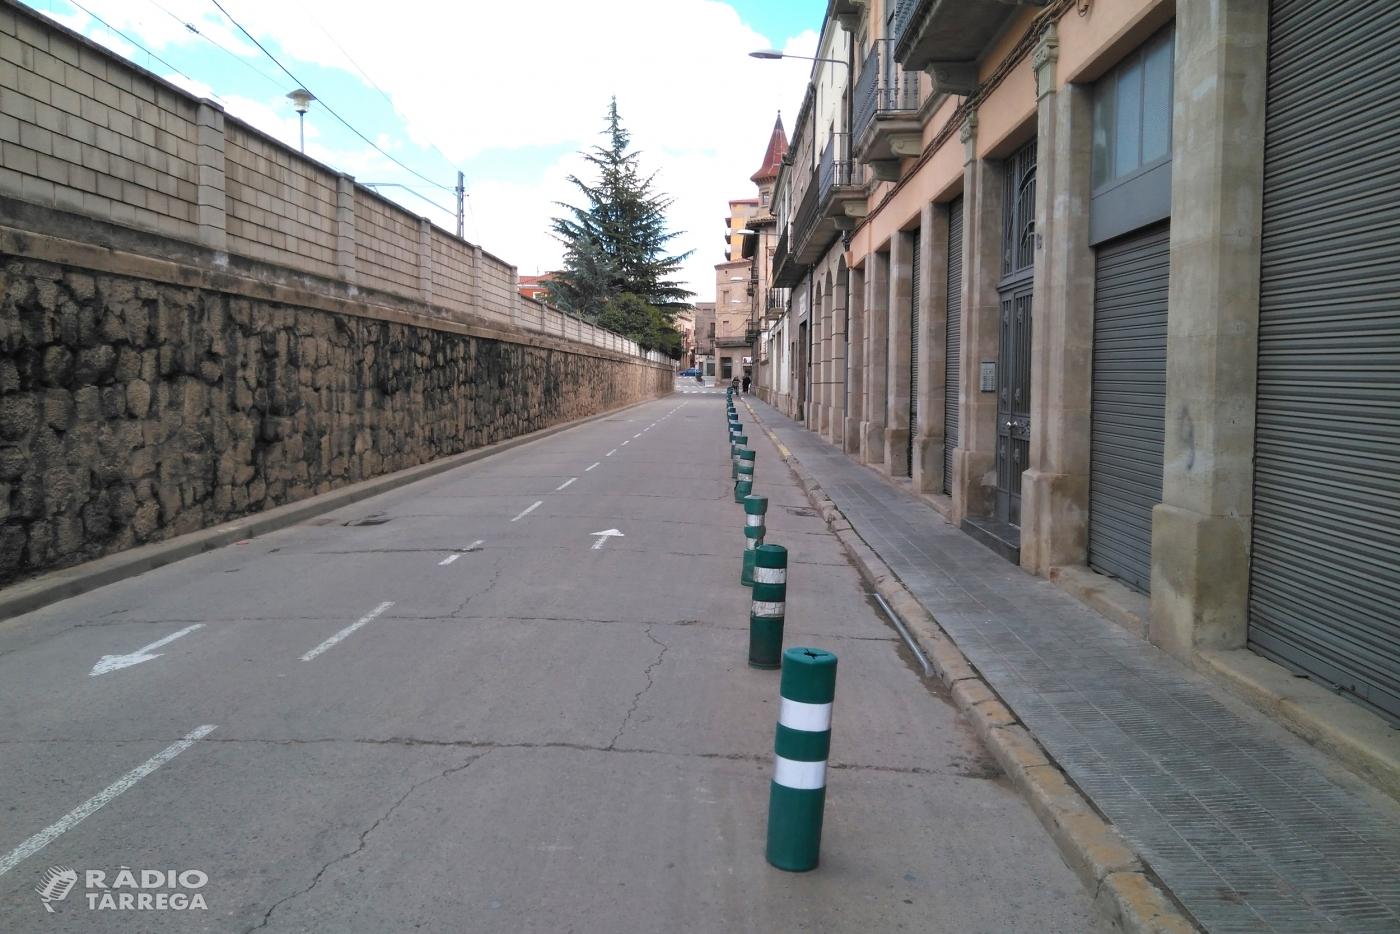 L'Ajuntament de Tàrrega inicia el dijous 14 de febrer les obres d'ampliació de la vorera del carrer del Segle XX